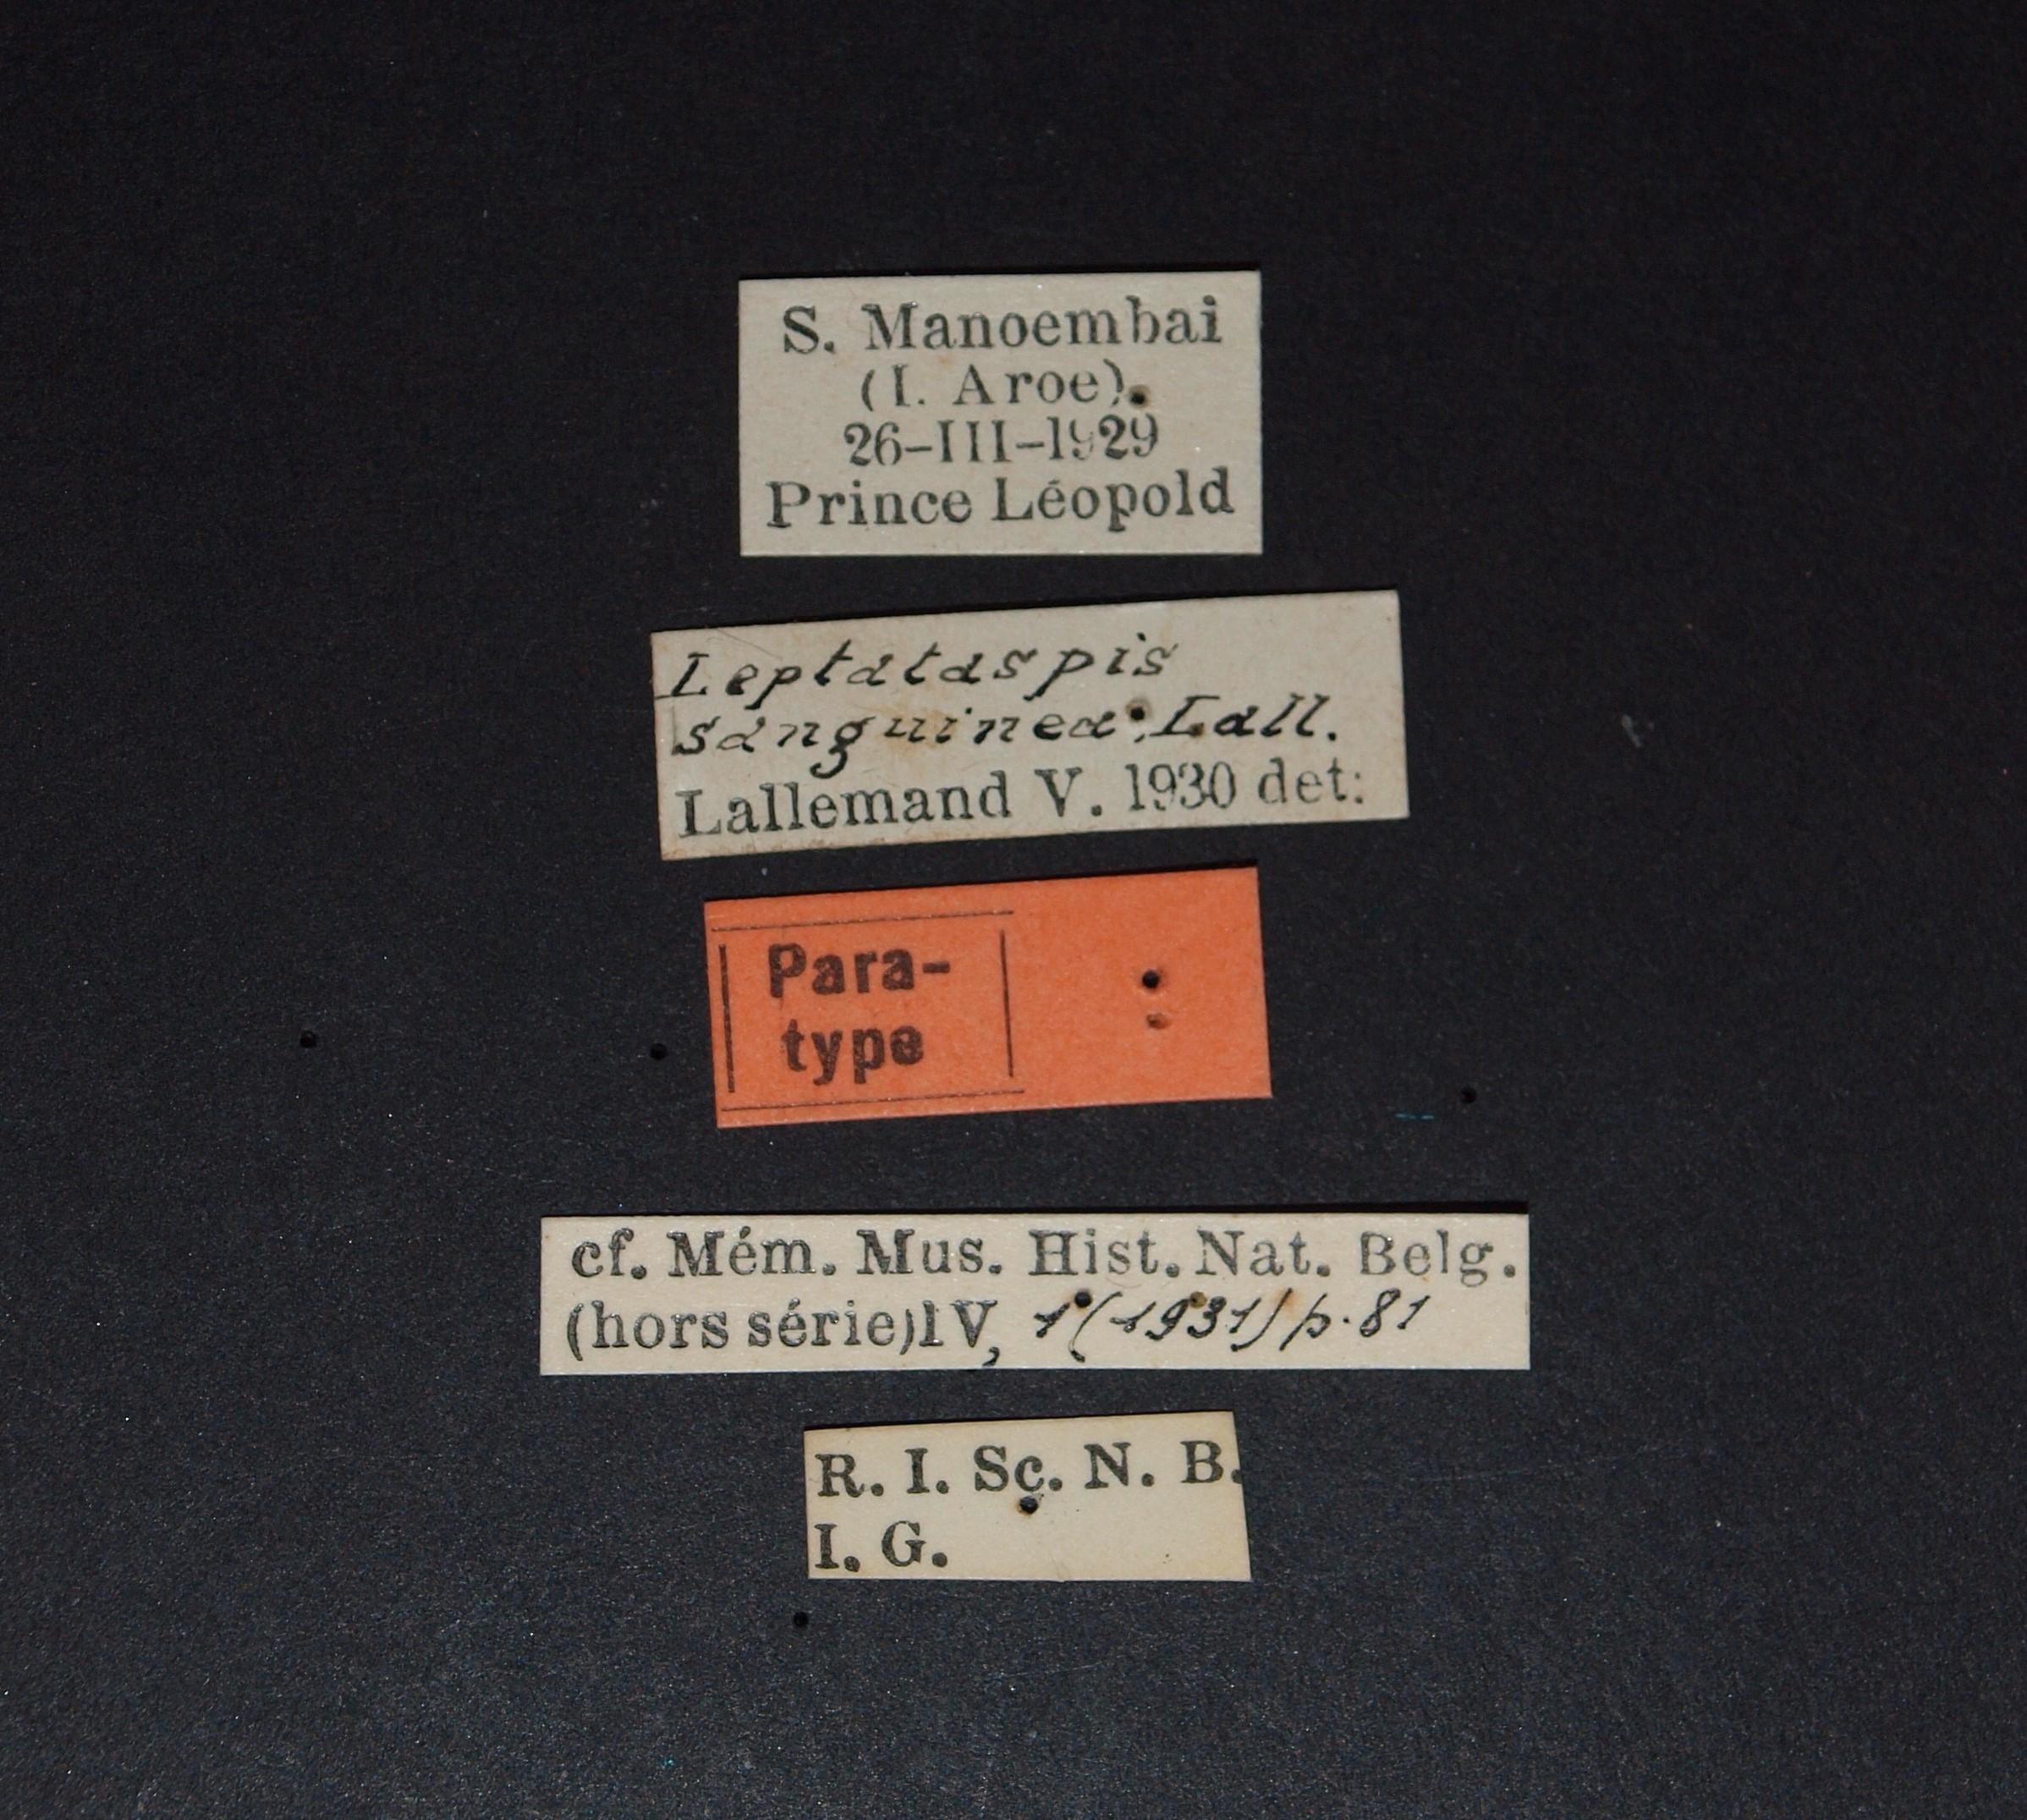 Leptataspis sanguinea pt.JPG